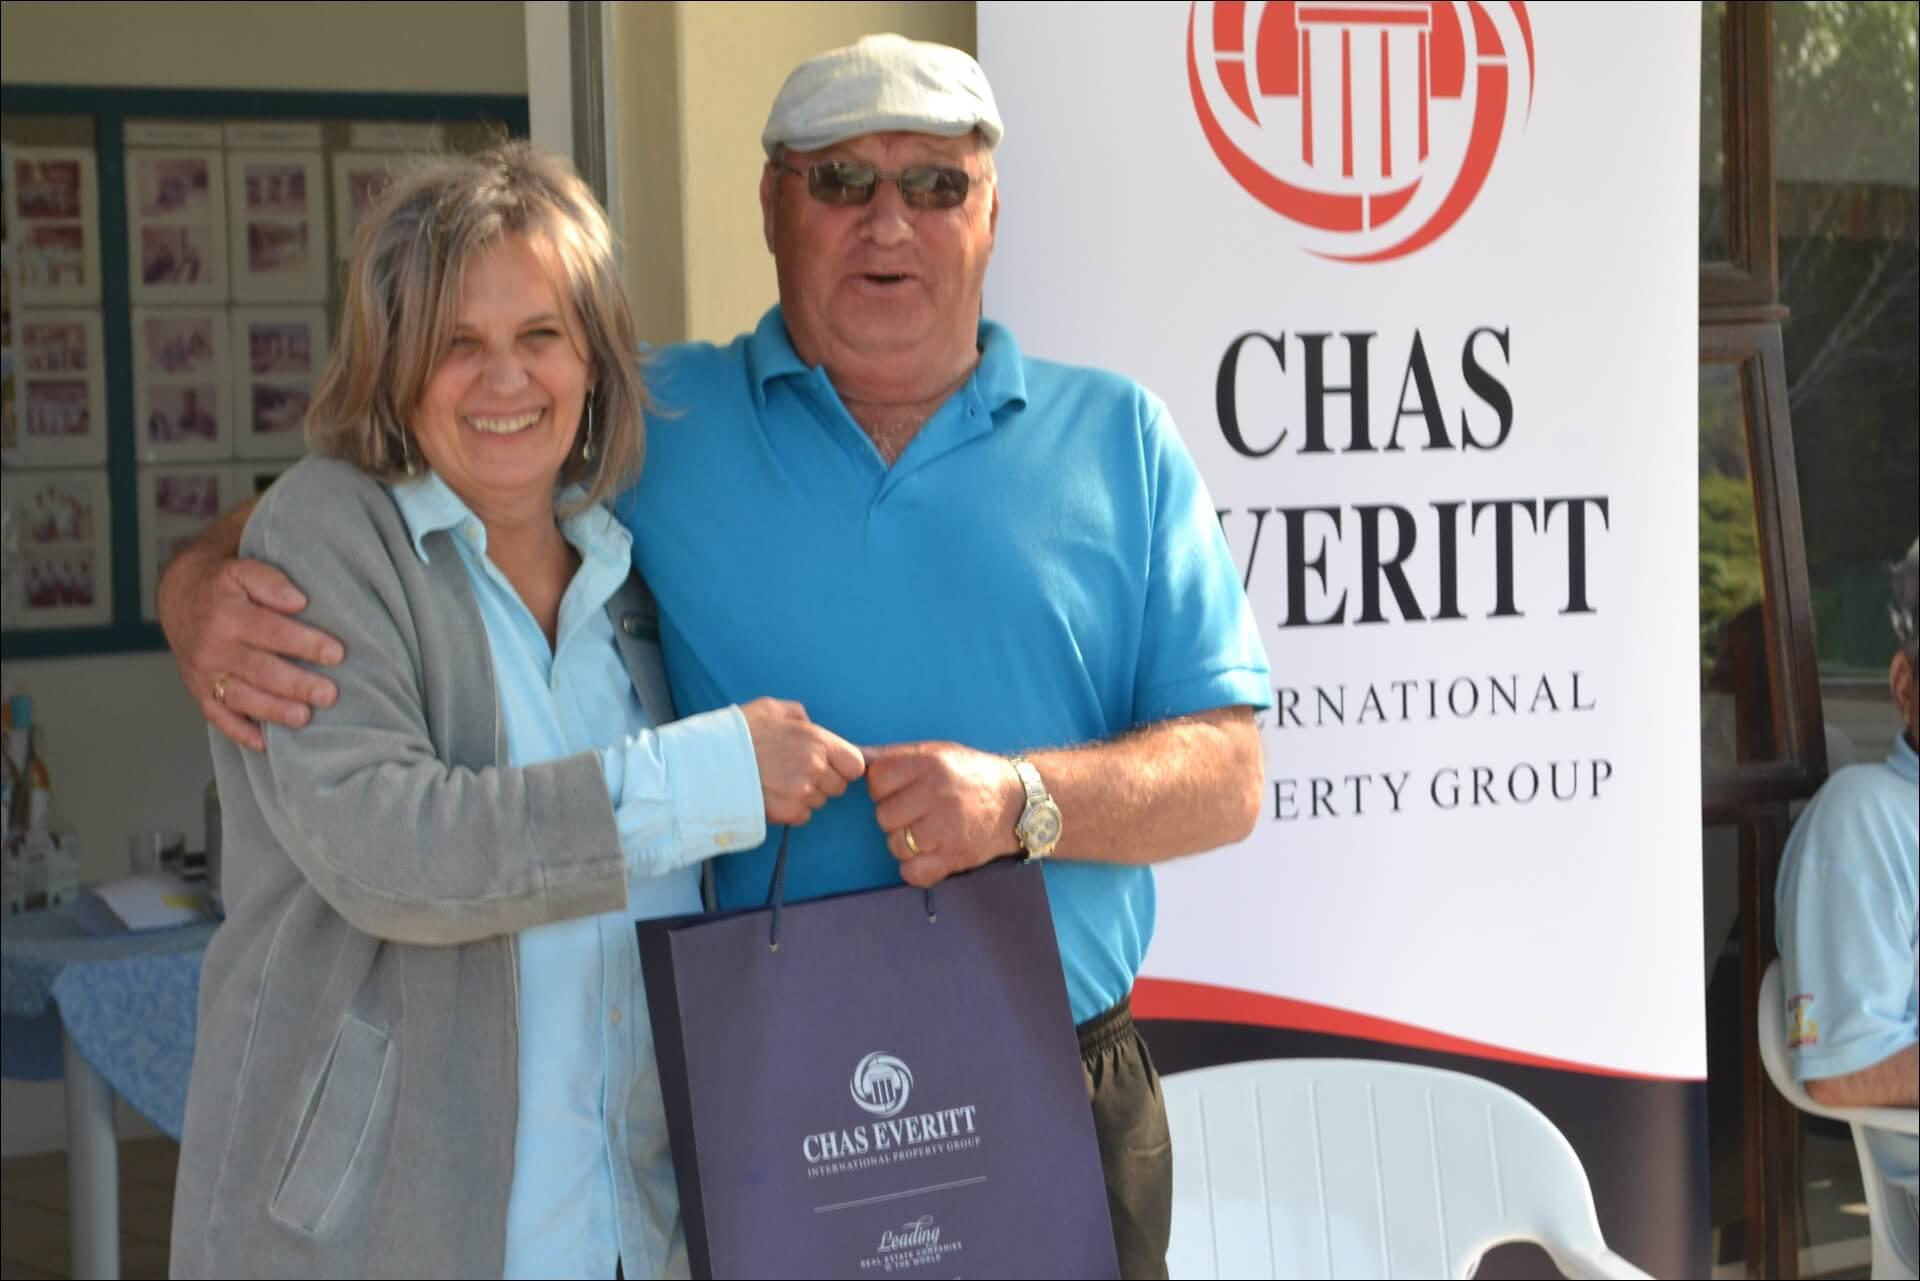 Chas Everitt Cape Agulhas Sponsors Jukskei